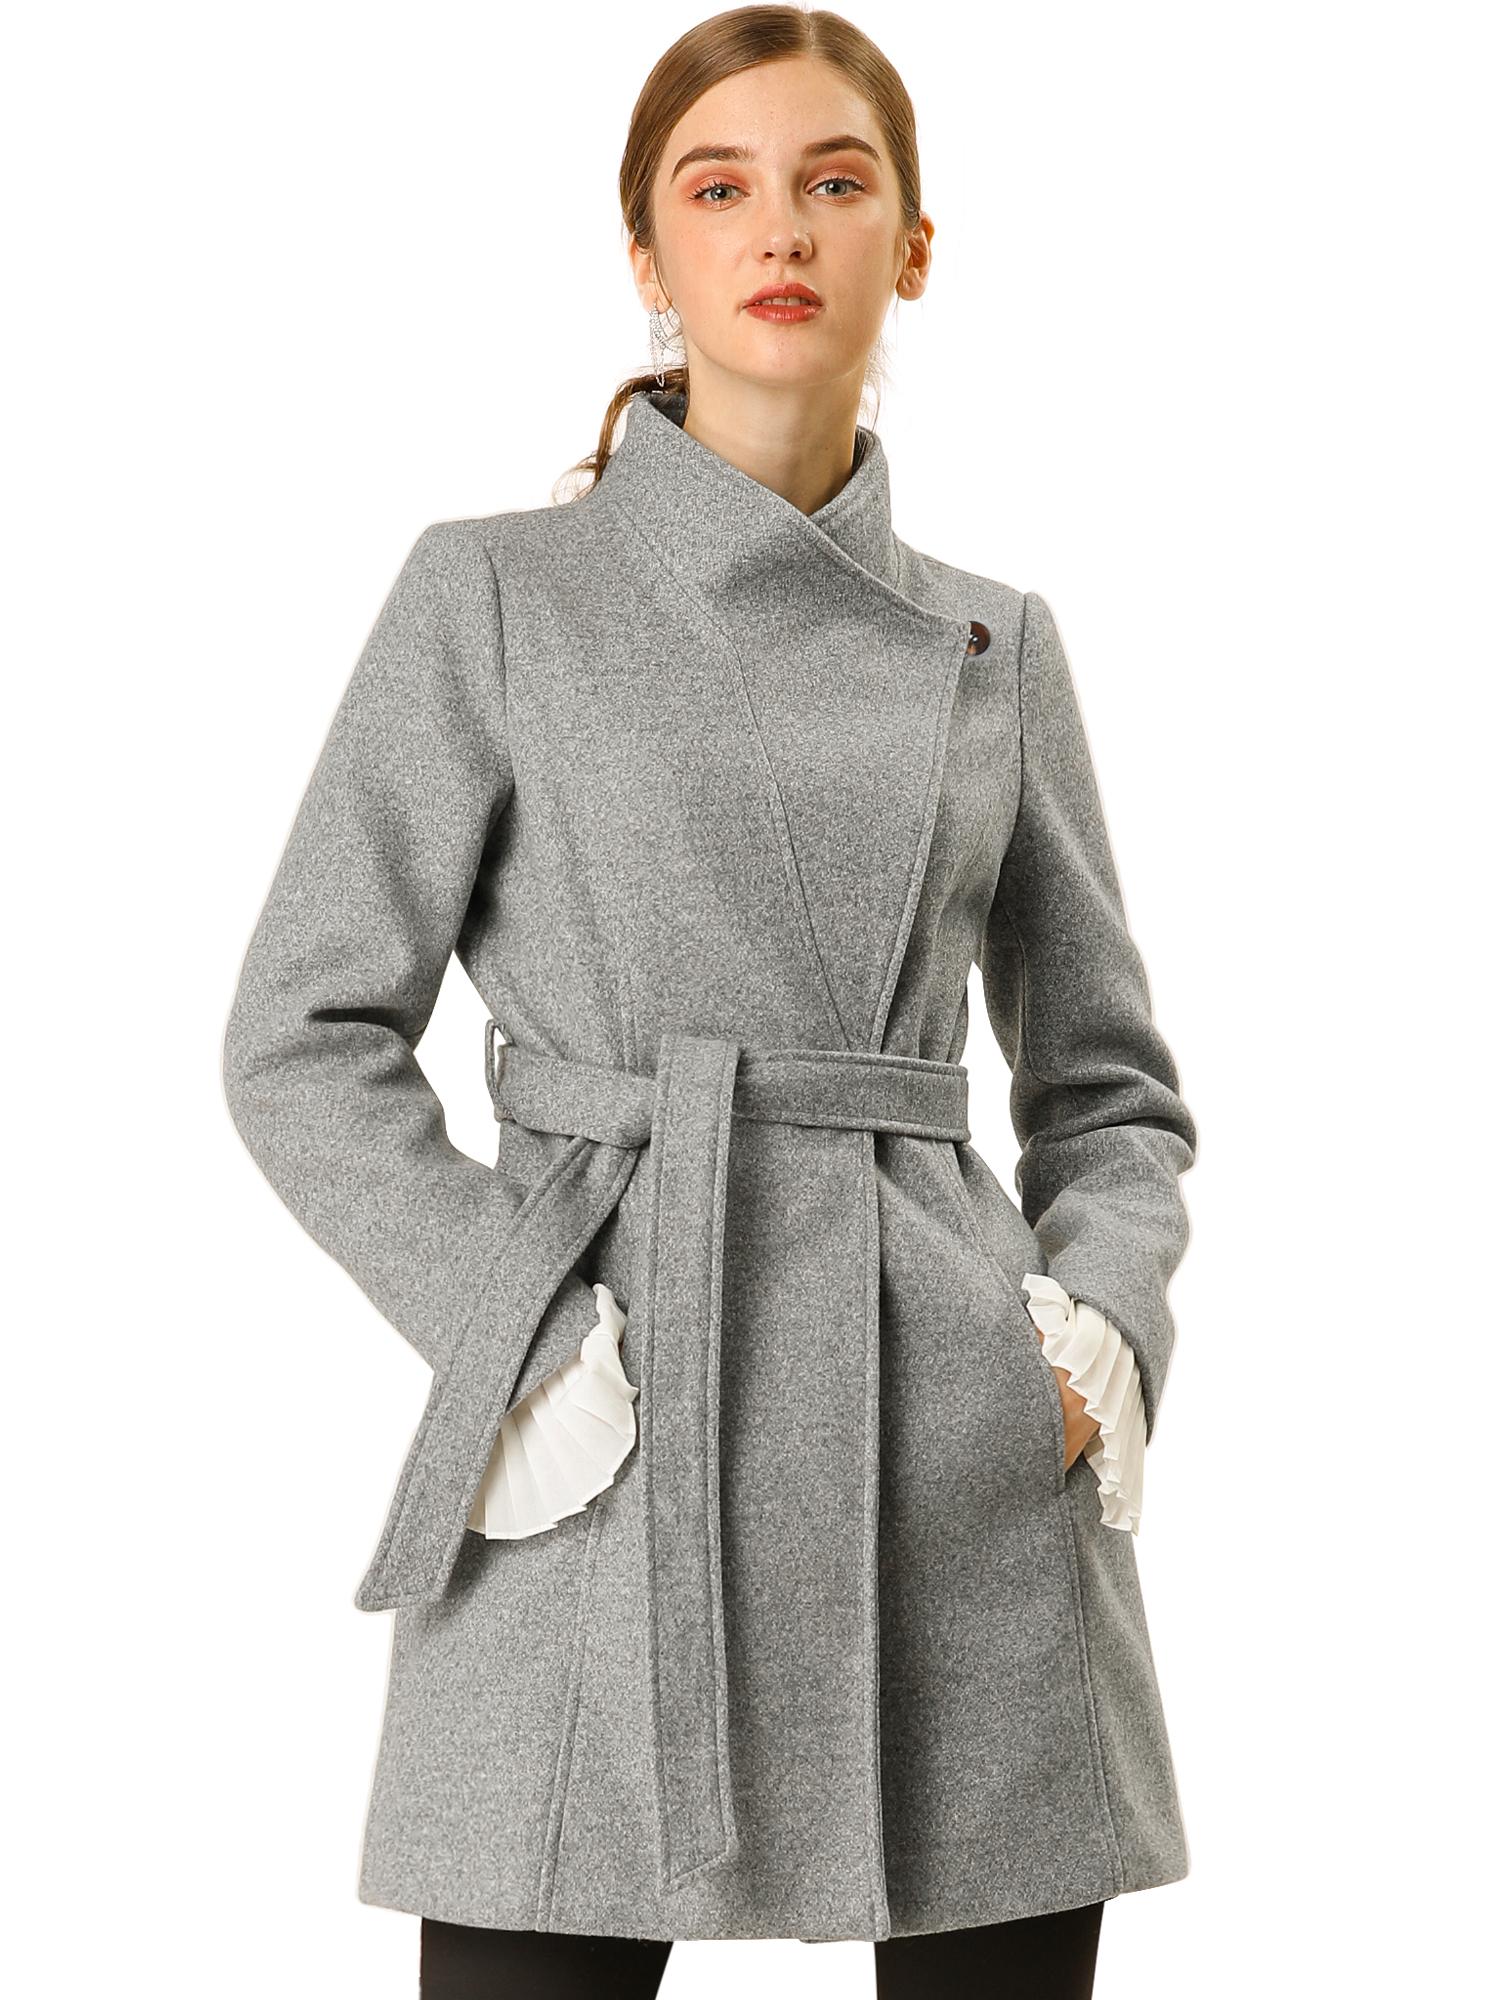 Allegra K Women's Stand Collar Tie Waist Casual Coat Grey S